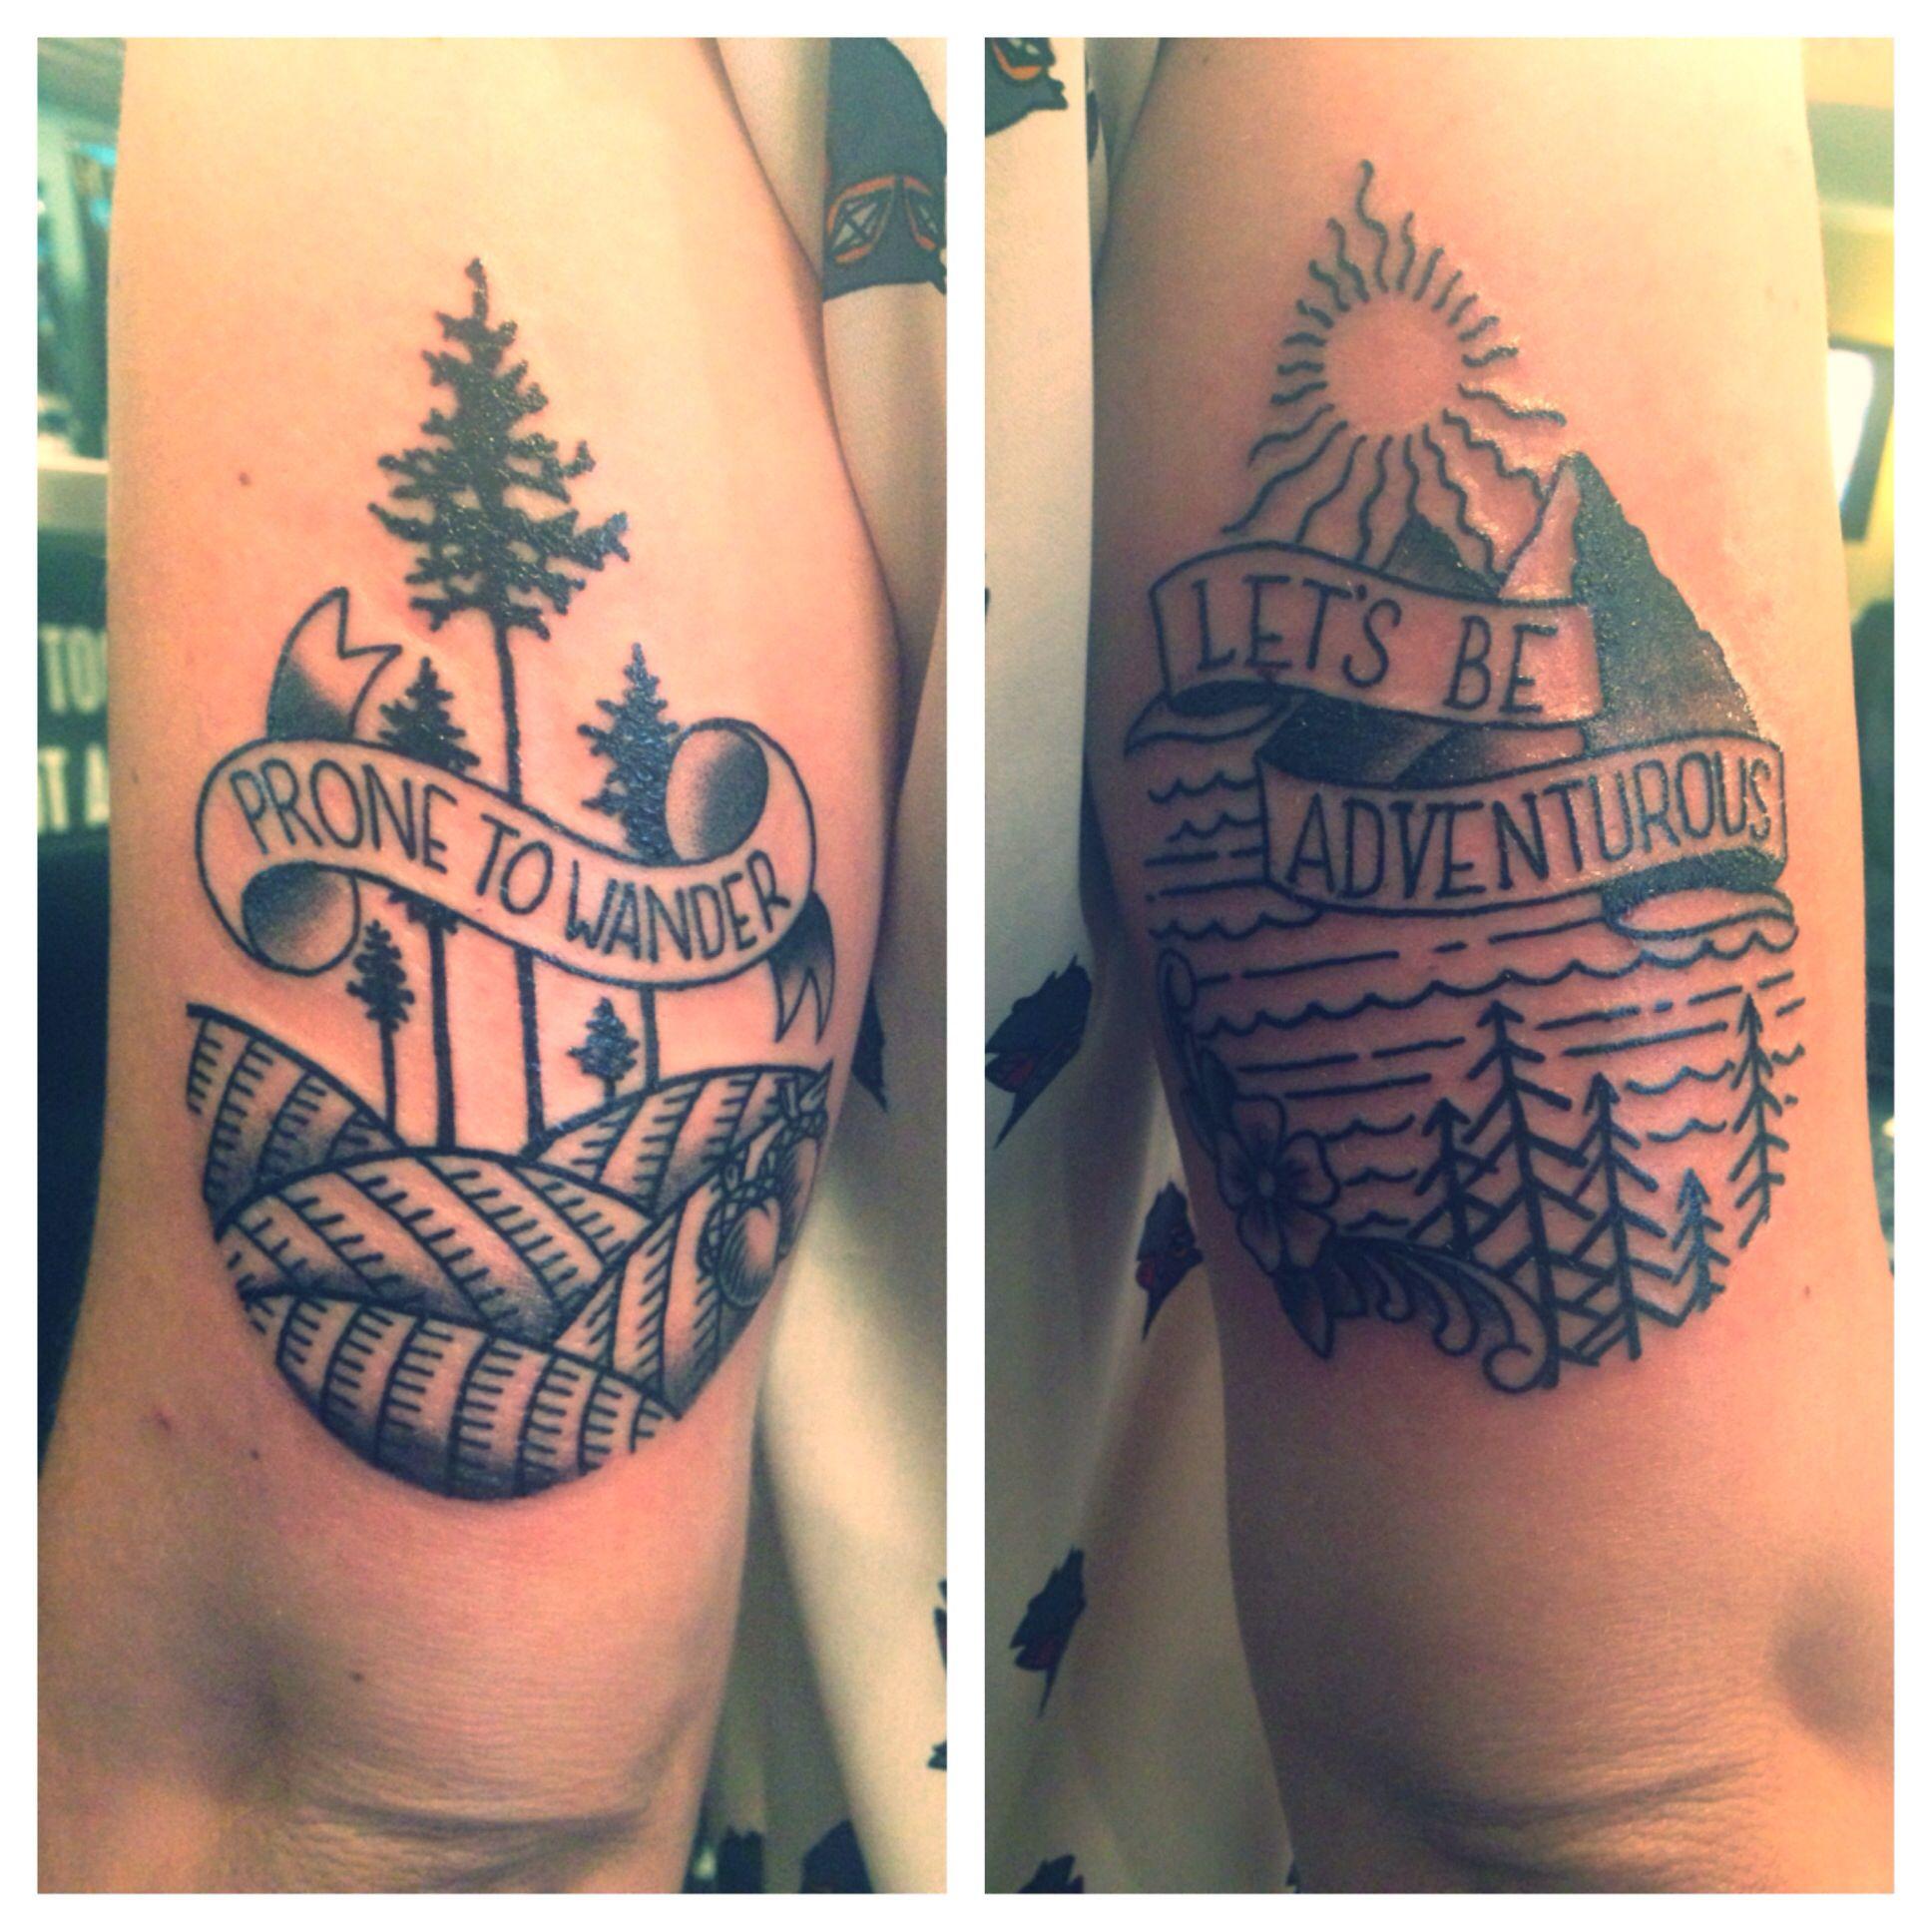 My new tattoos artist carl fuchs at trinity tattoo